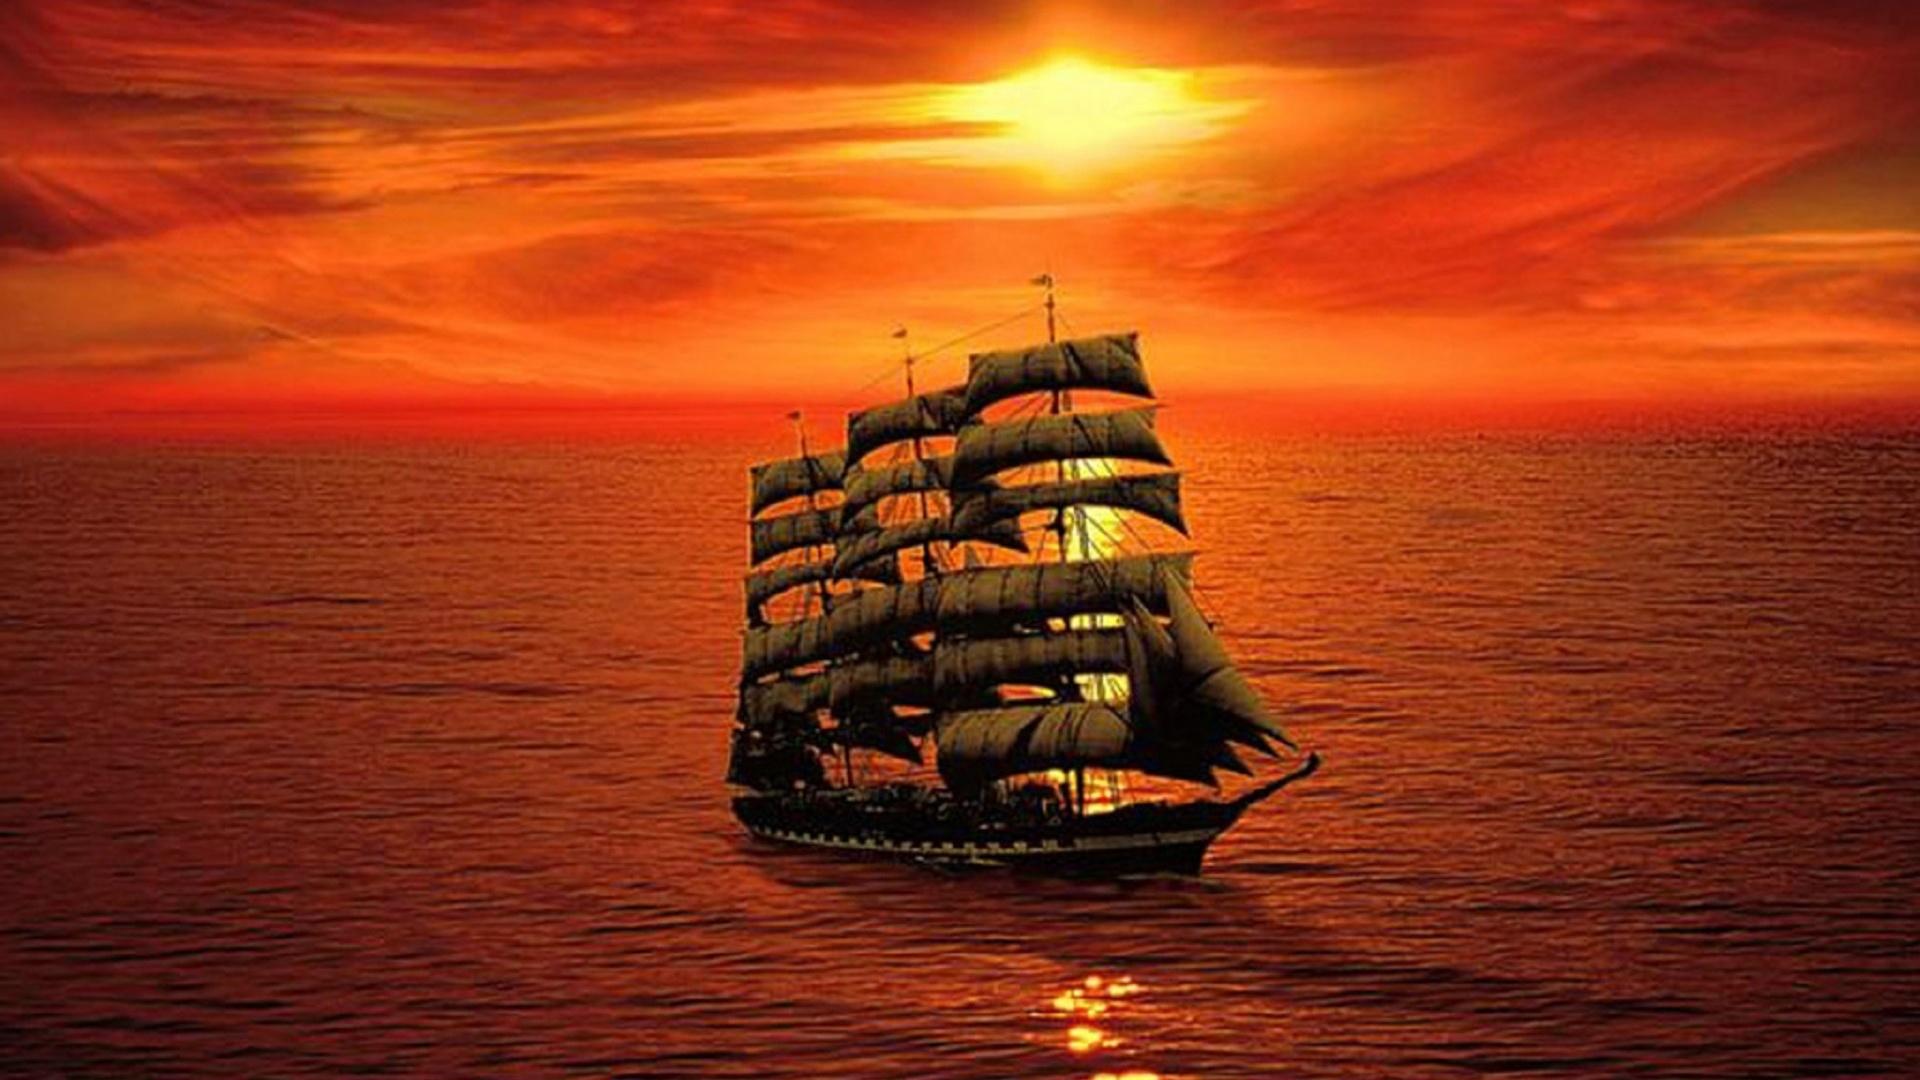 картинка корабль уходит в море на закате наливные полы были